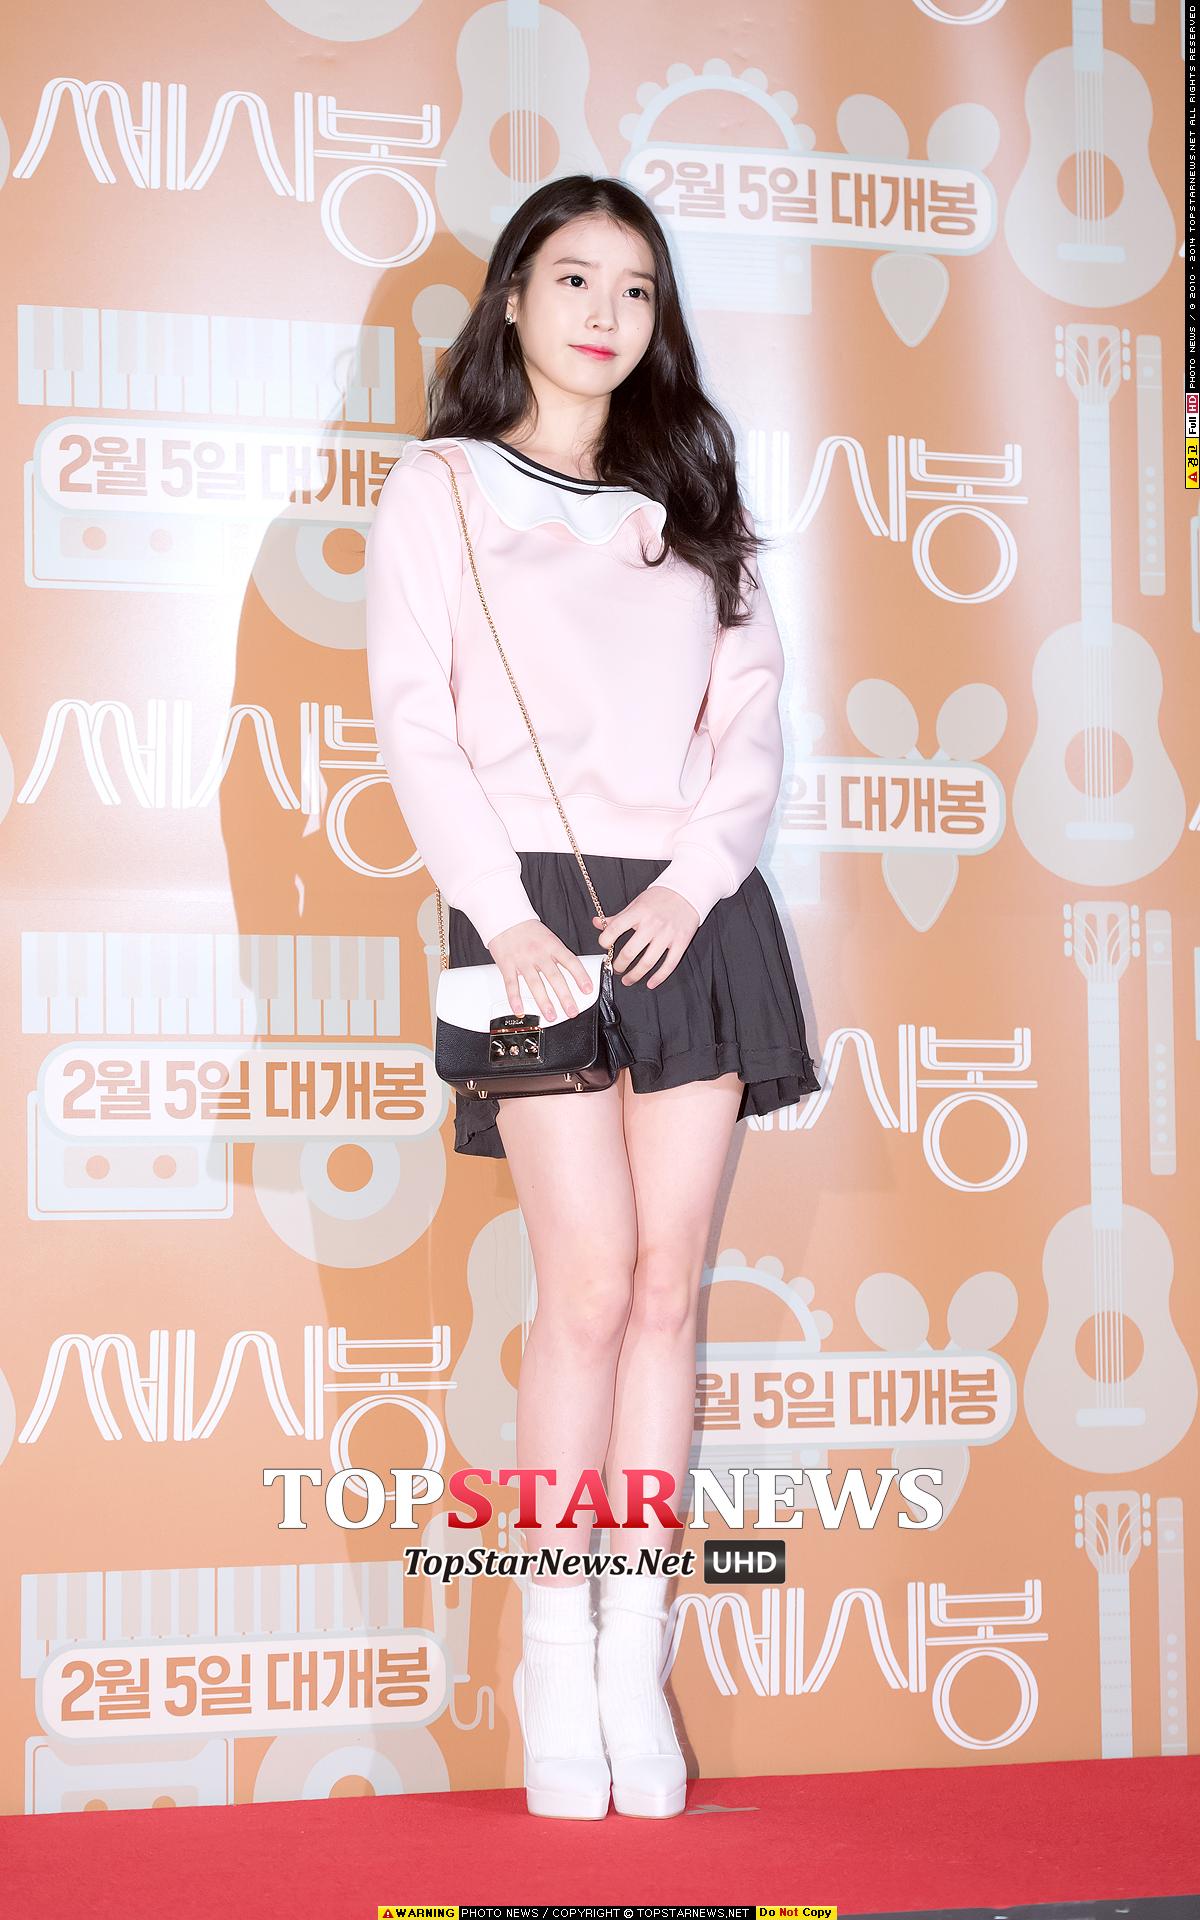 休閒風就用迷你短裙&荷葉邊粉色上衣強調女孩感~ 因為是IU一切都可愛了\^o^/